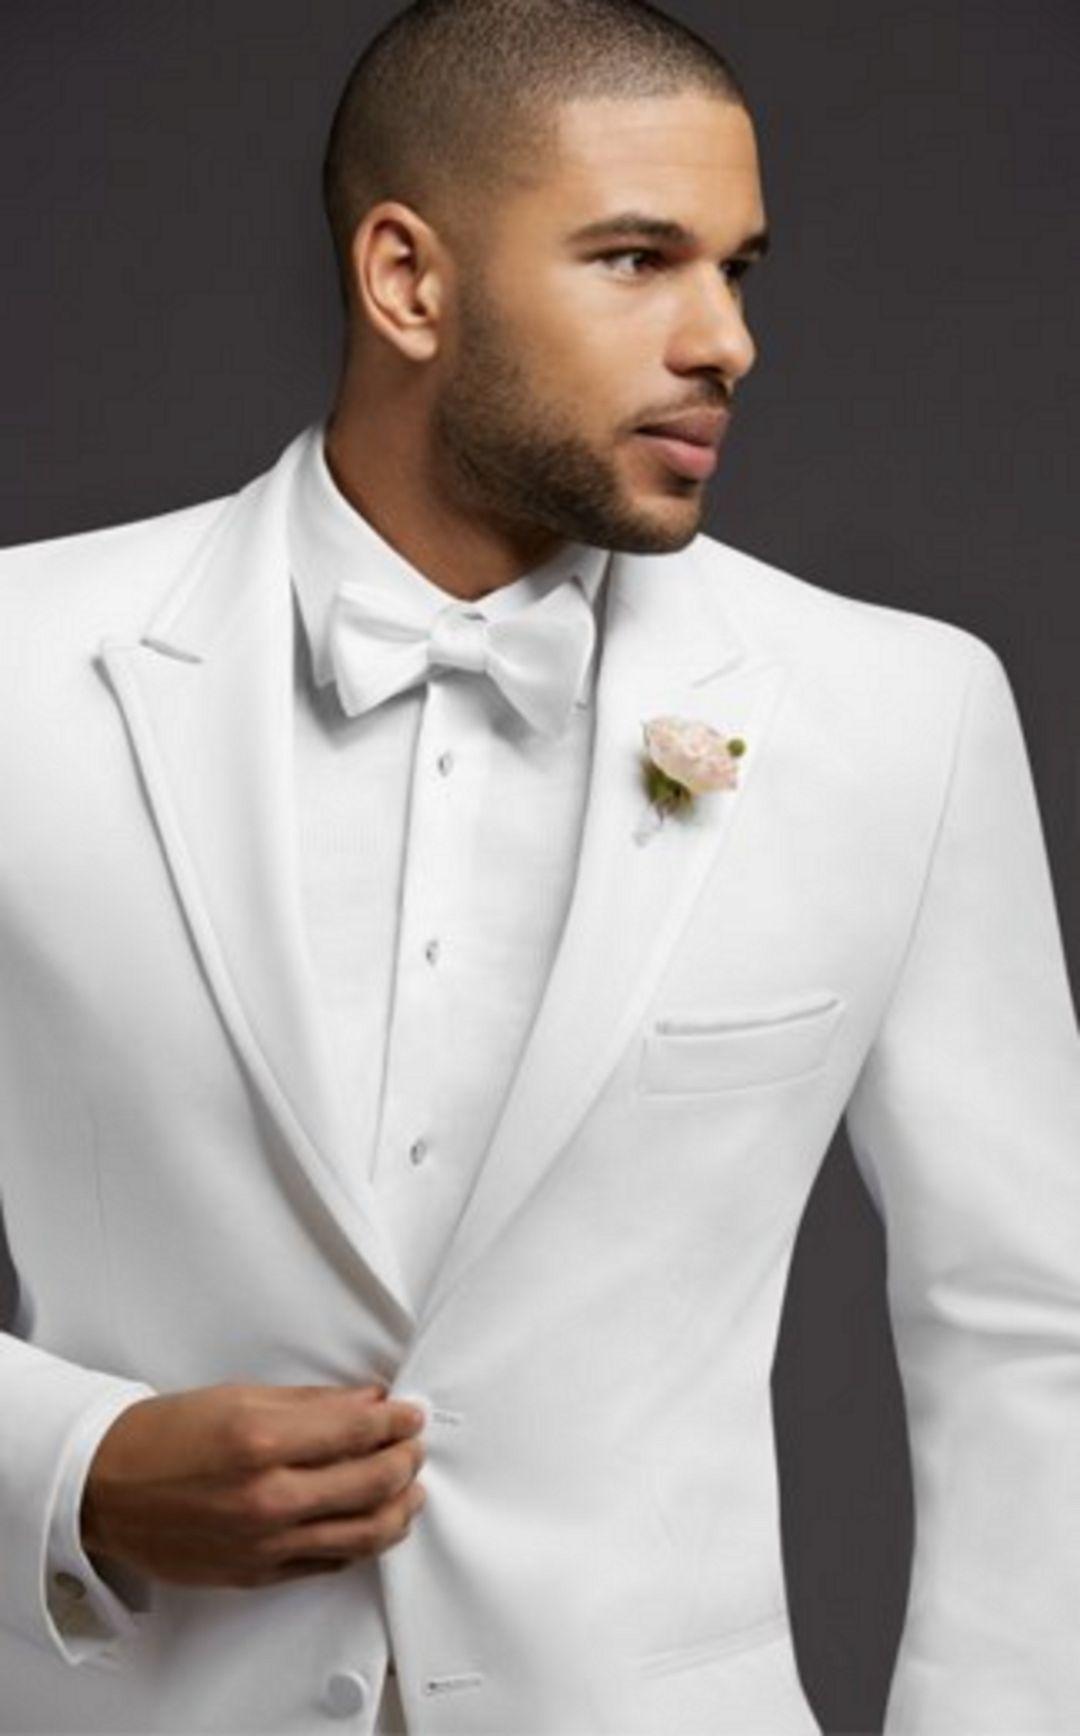 35+ Best White Tuxedo Ideas For Men Look More Handsome | White ...